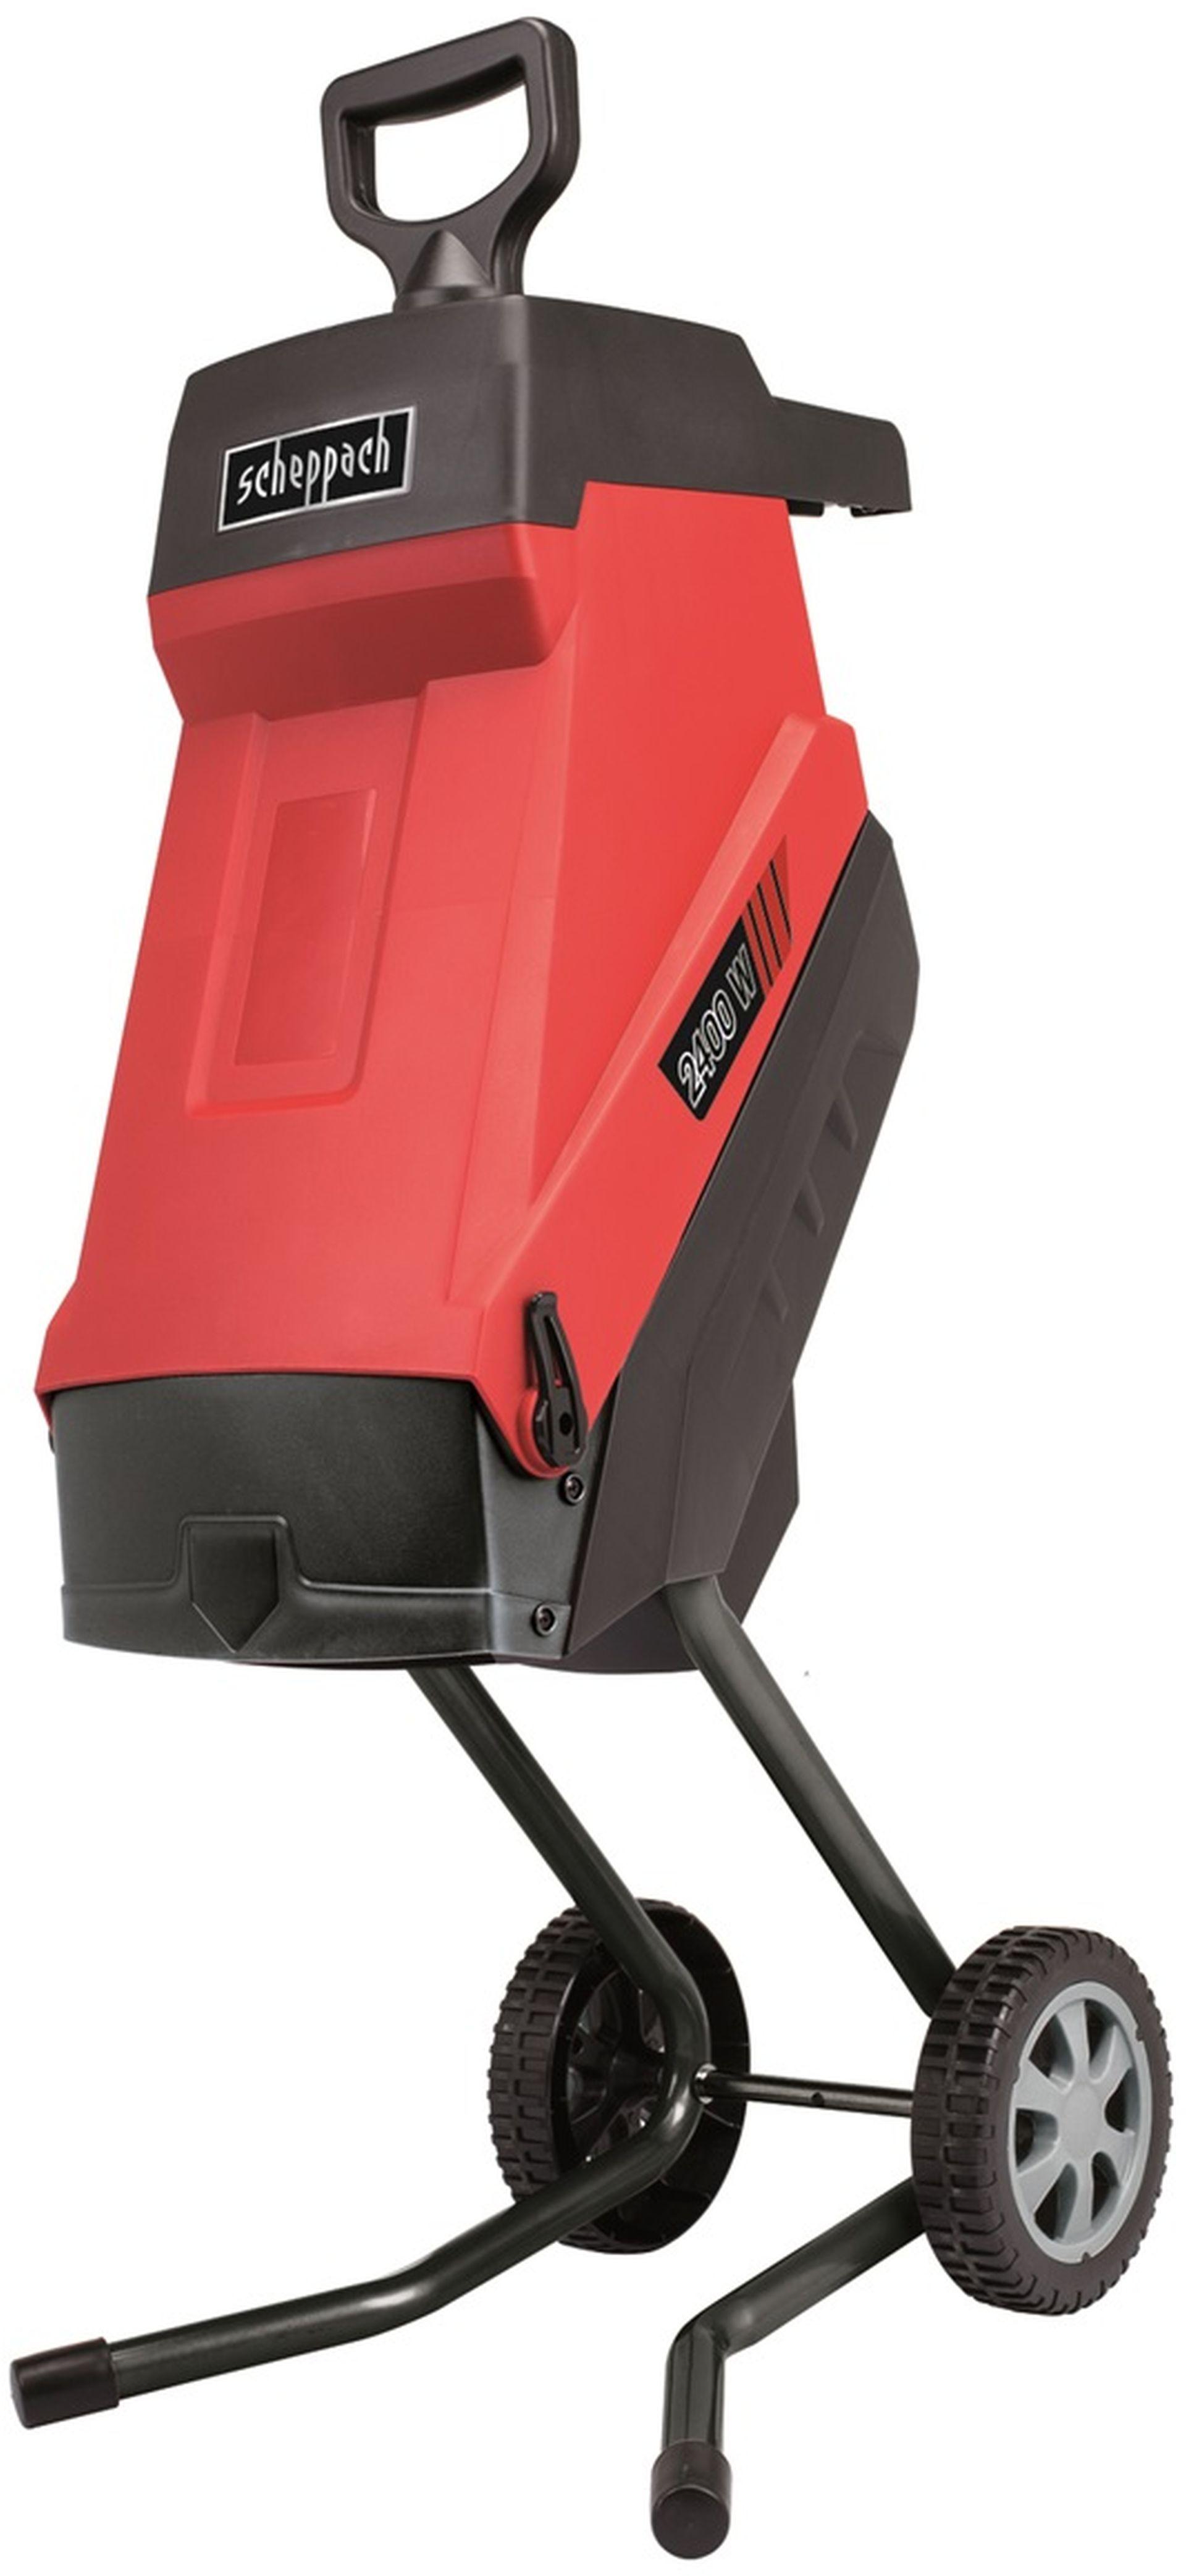 SCHEPPACH GS 55 - elektrický nožový drtič větví 2400 W 5904404901